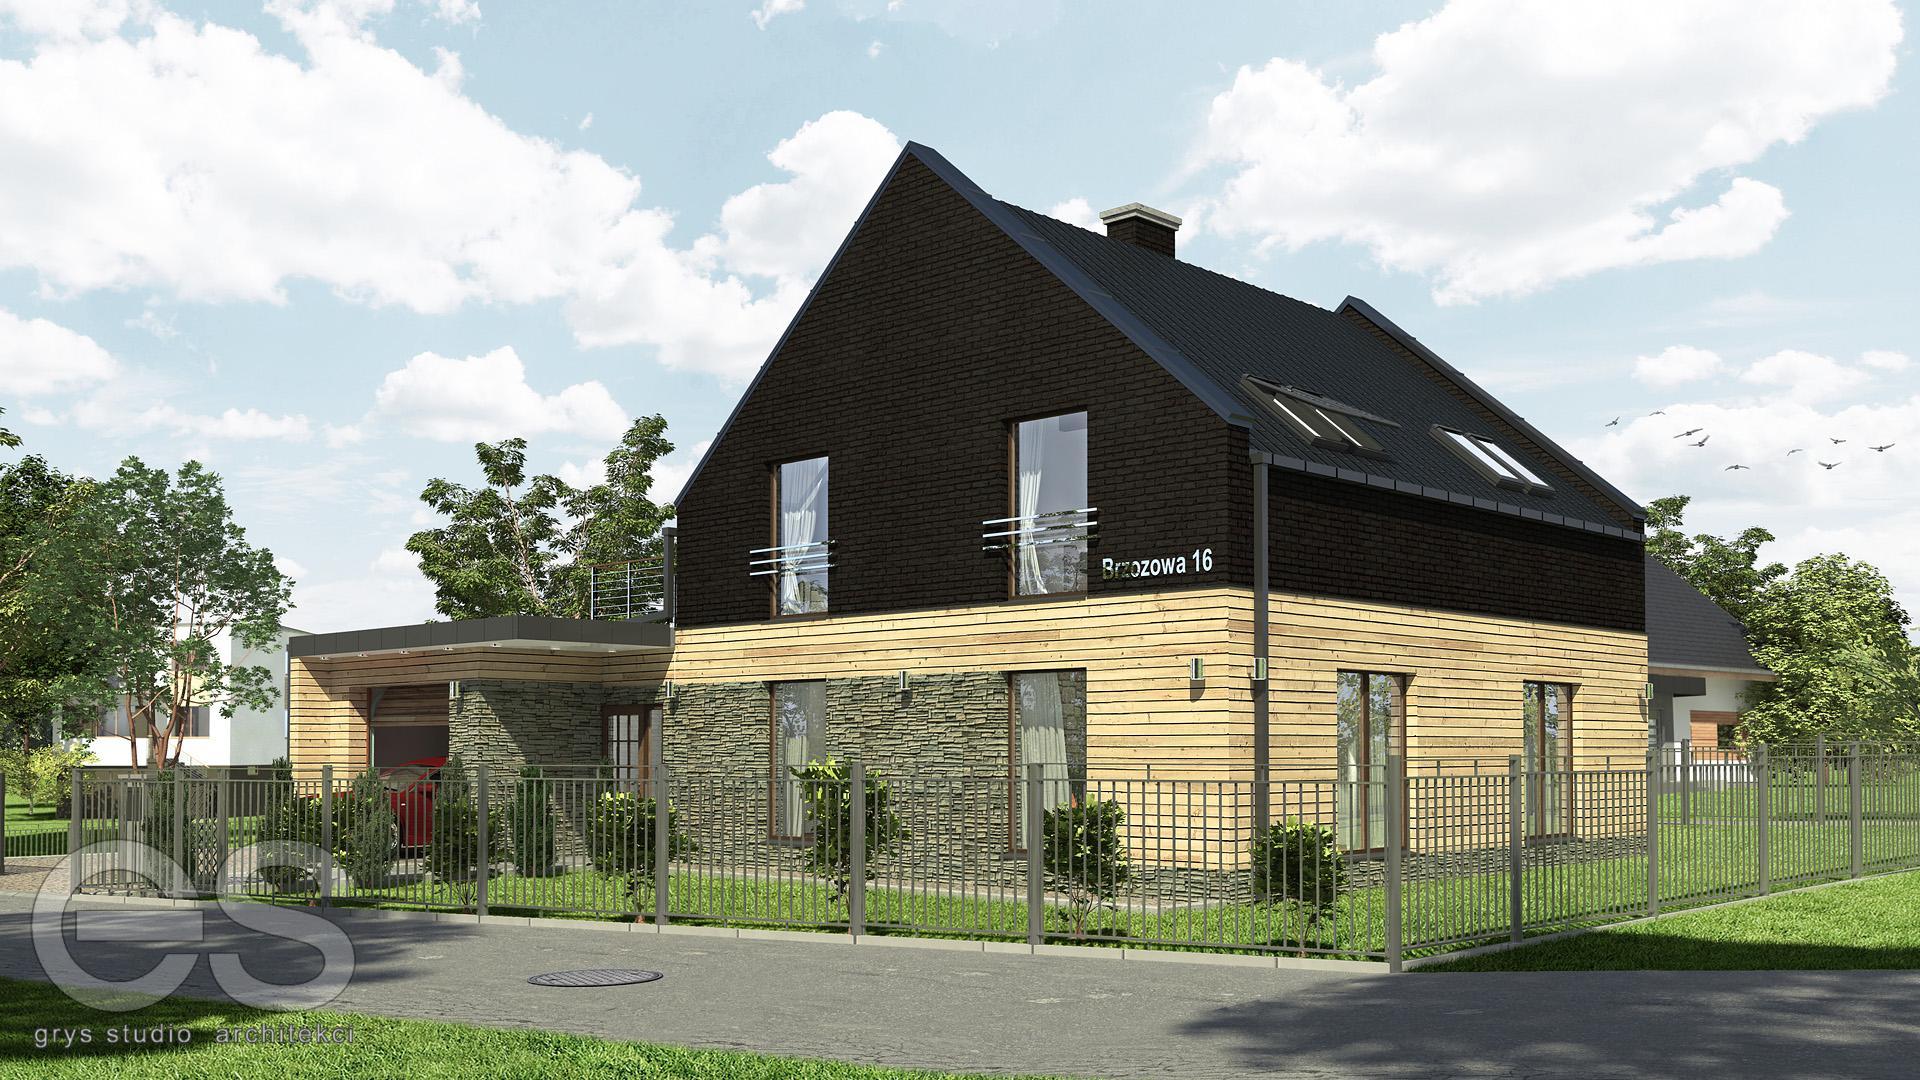 przebudowa i rozbudowa domu jednorodzinnego stary sącz lipie projekt budowlany